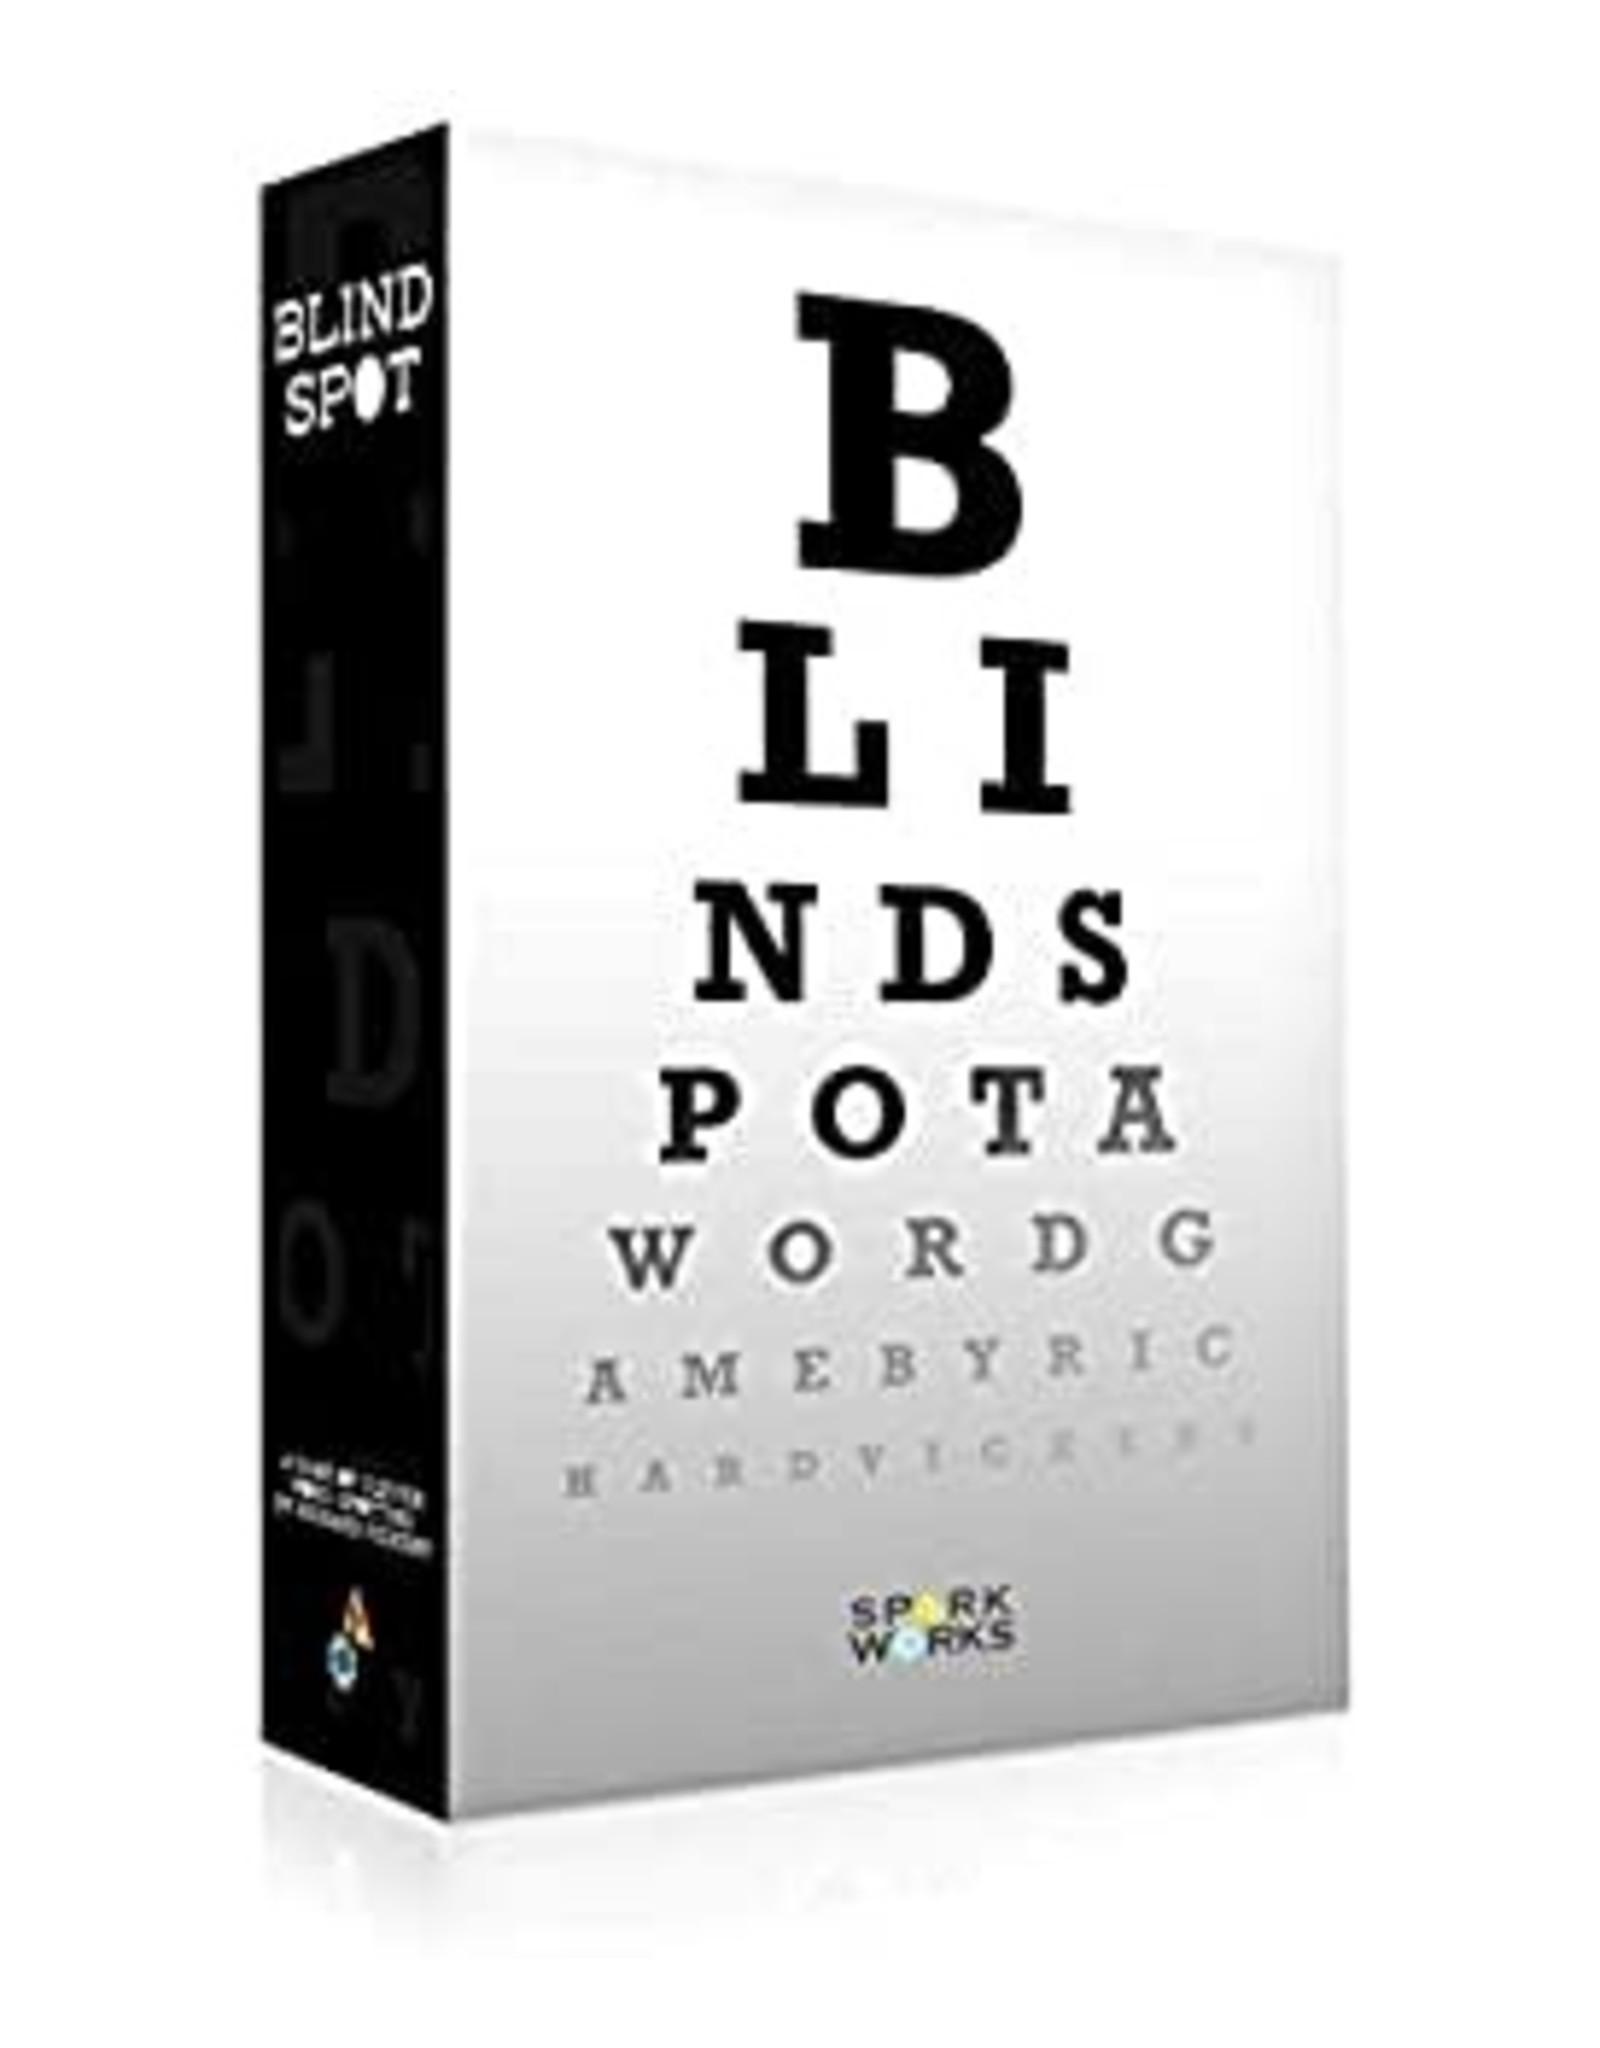 Sparkworks Games Blind Spot